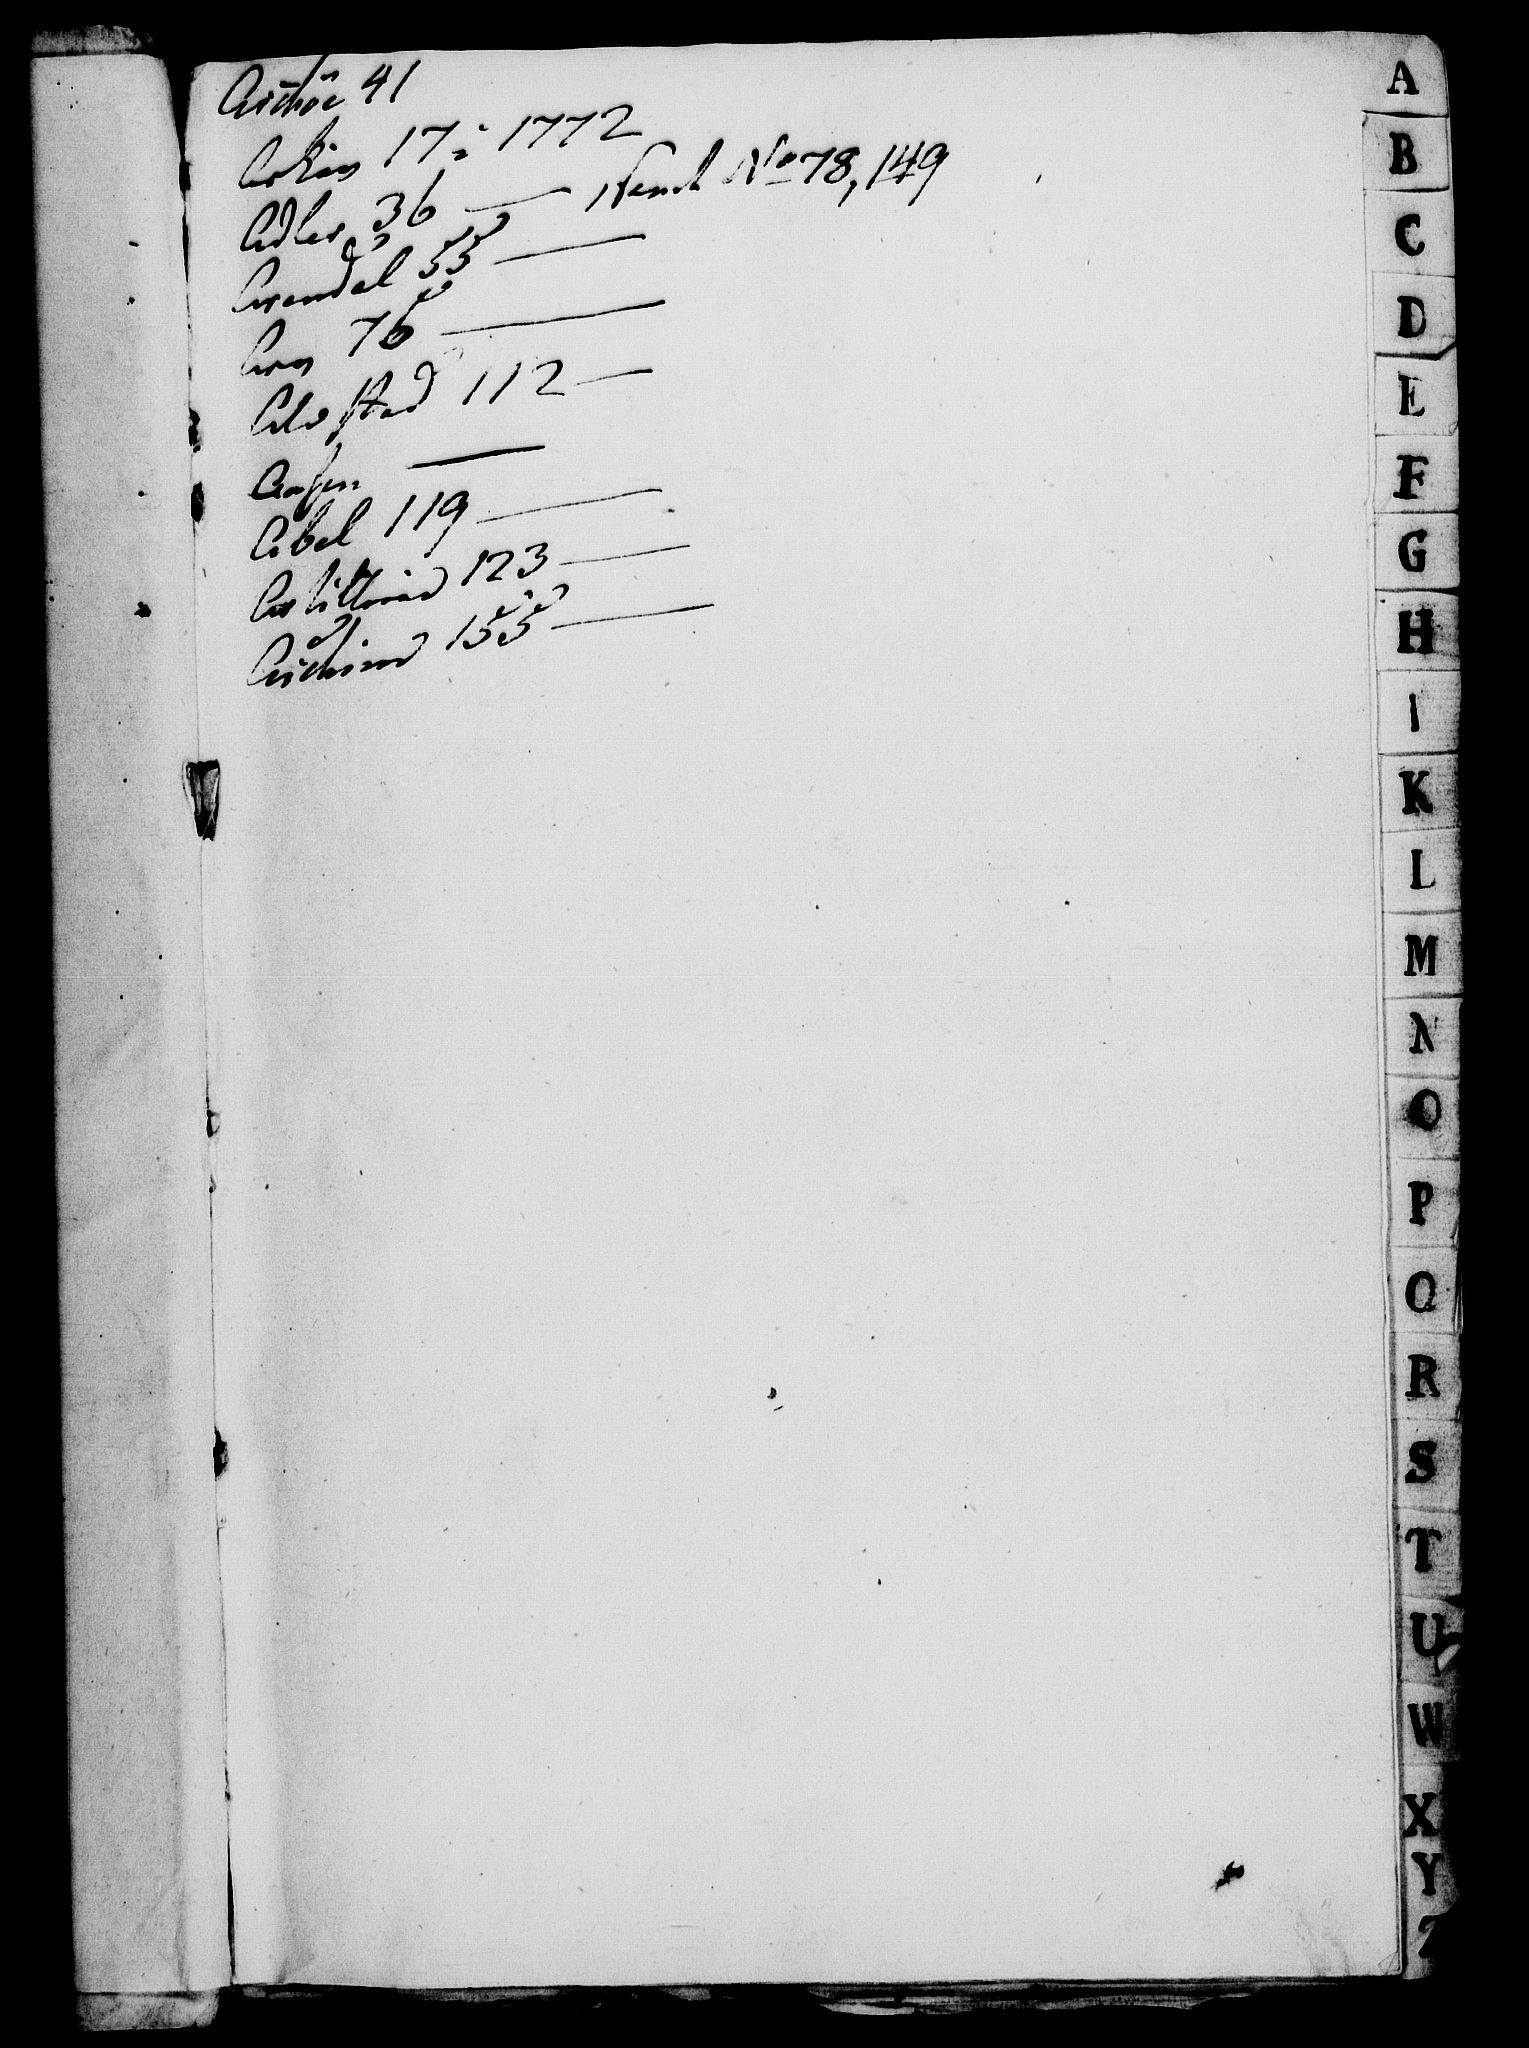 RA, Rentekammeret, Kammerkanselliet, G/Gf/Gfa/L0054: Norsk relasjons- og resolusjonsprotokoll (merket RK 52.54), 1771-1772, s. 3